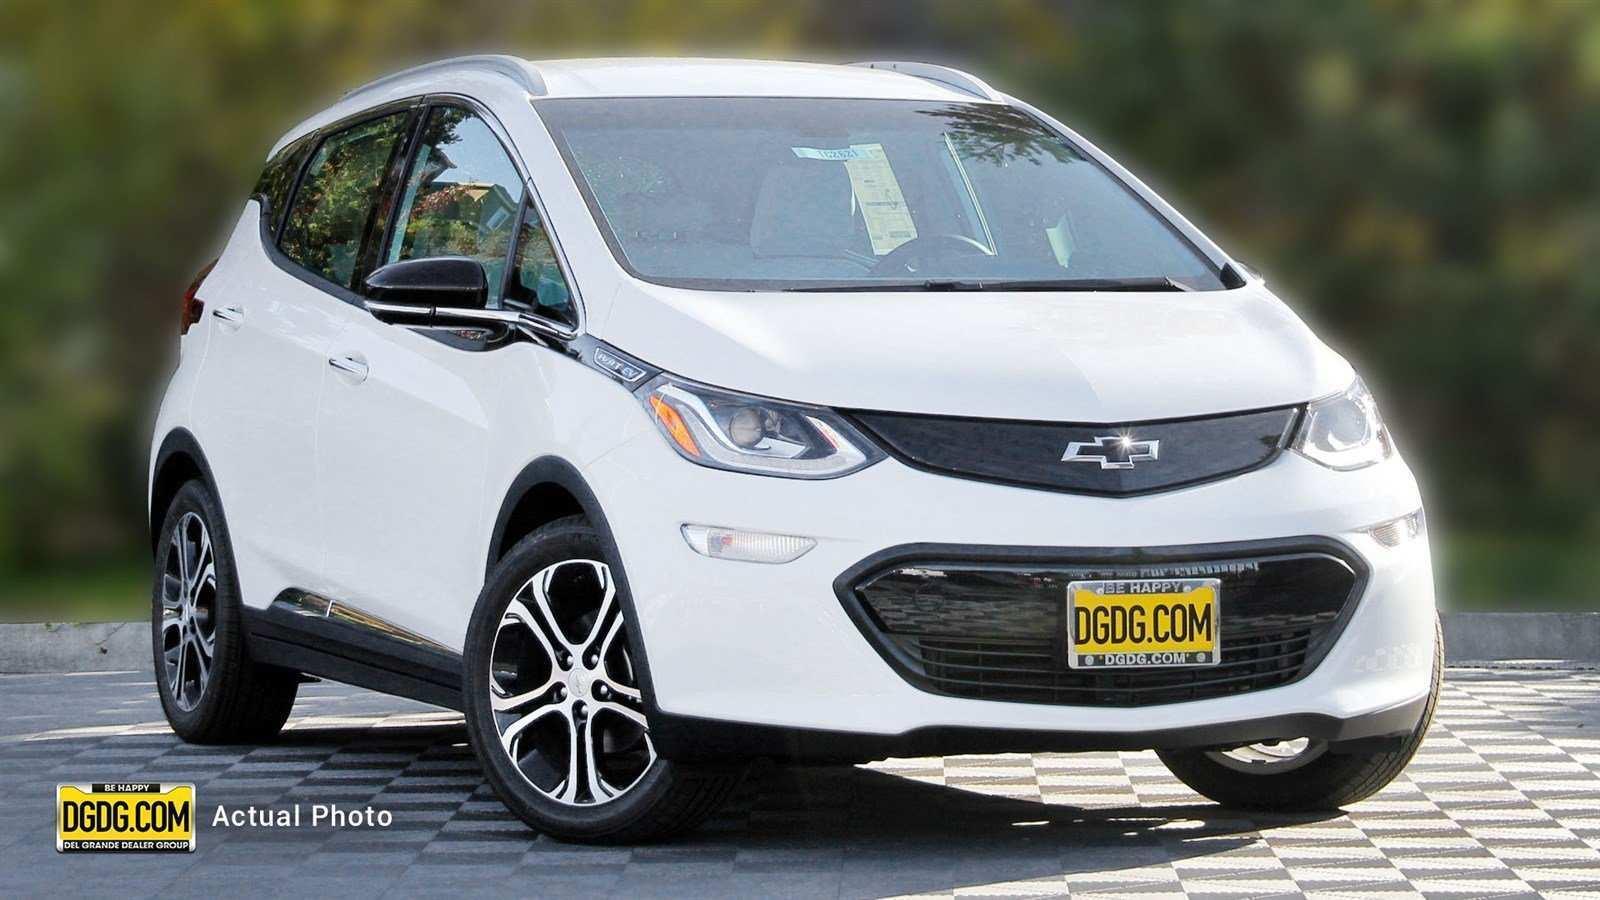 36 Concept of 2019 Chevrolet Bolt Ev Images for 2019 Chevrolet Bolt Ev